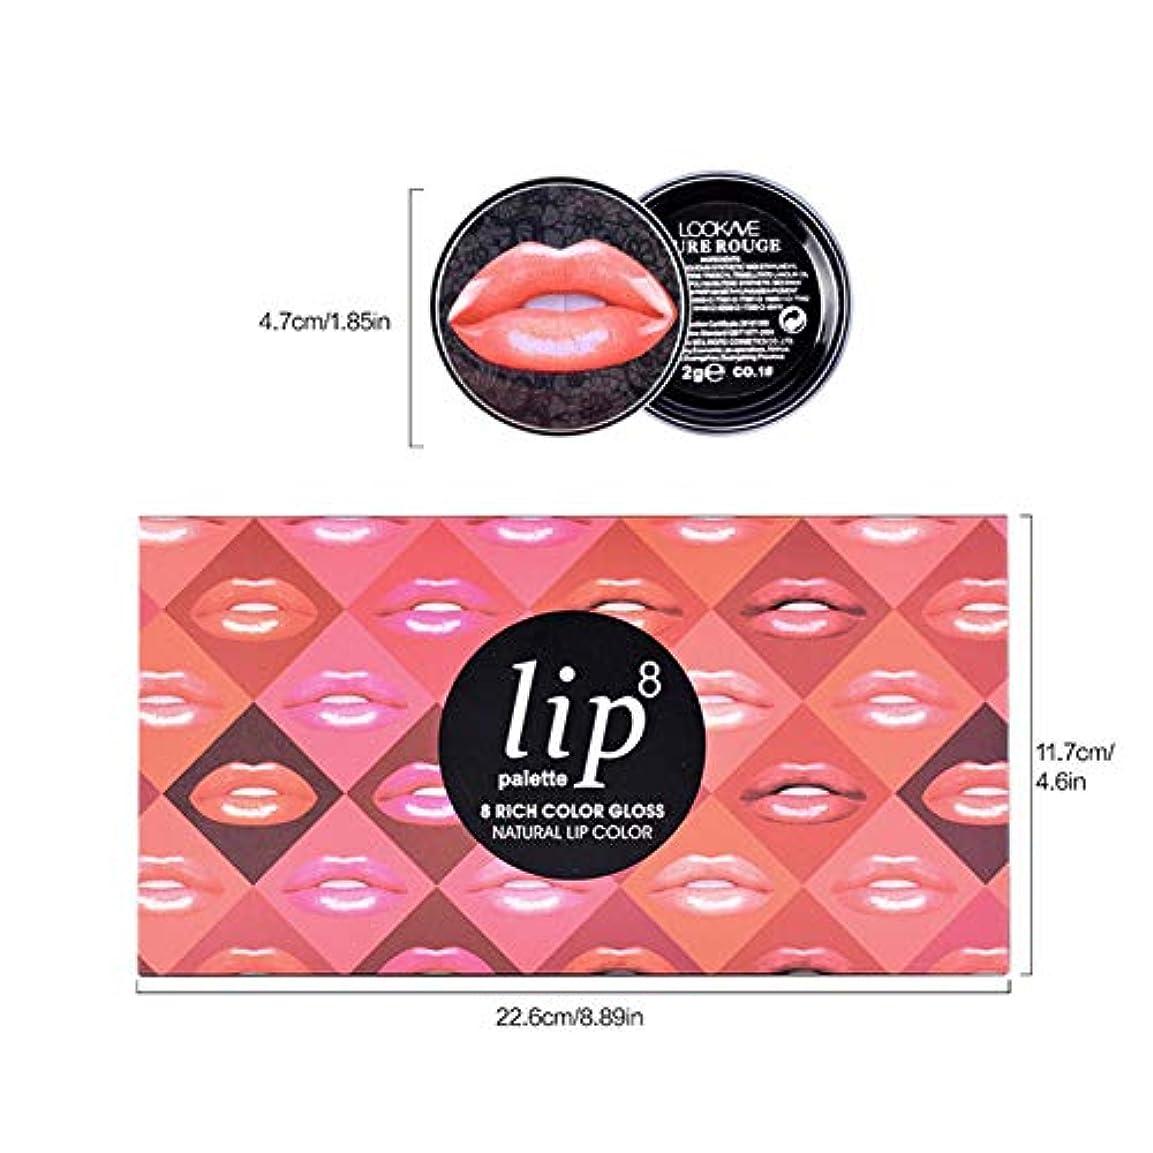 受け皿蓋なのでリップブラシが付いている8 PCのマットの口紅セット-長続きがする唇の構造セットは色あせた口紅を衰退させません